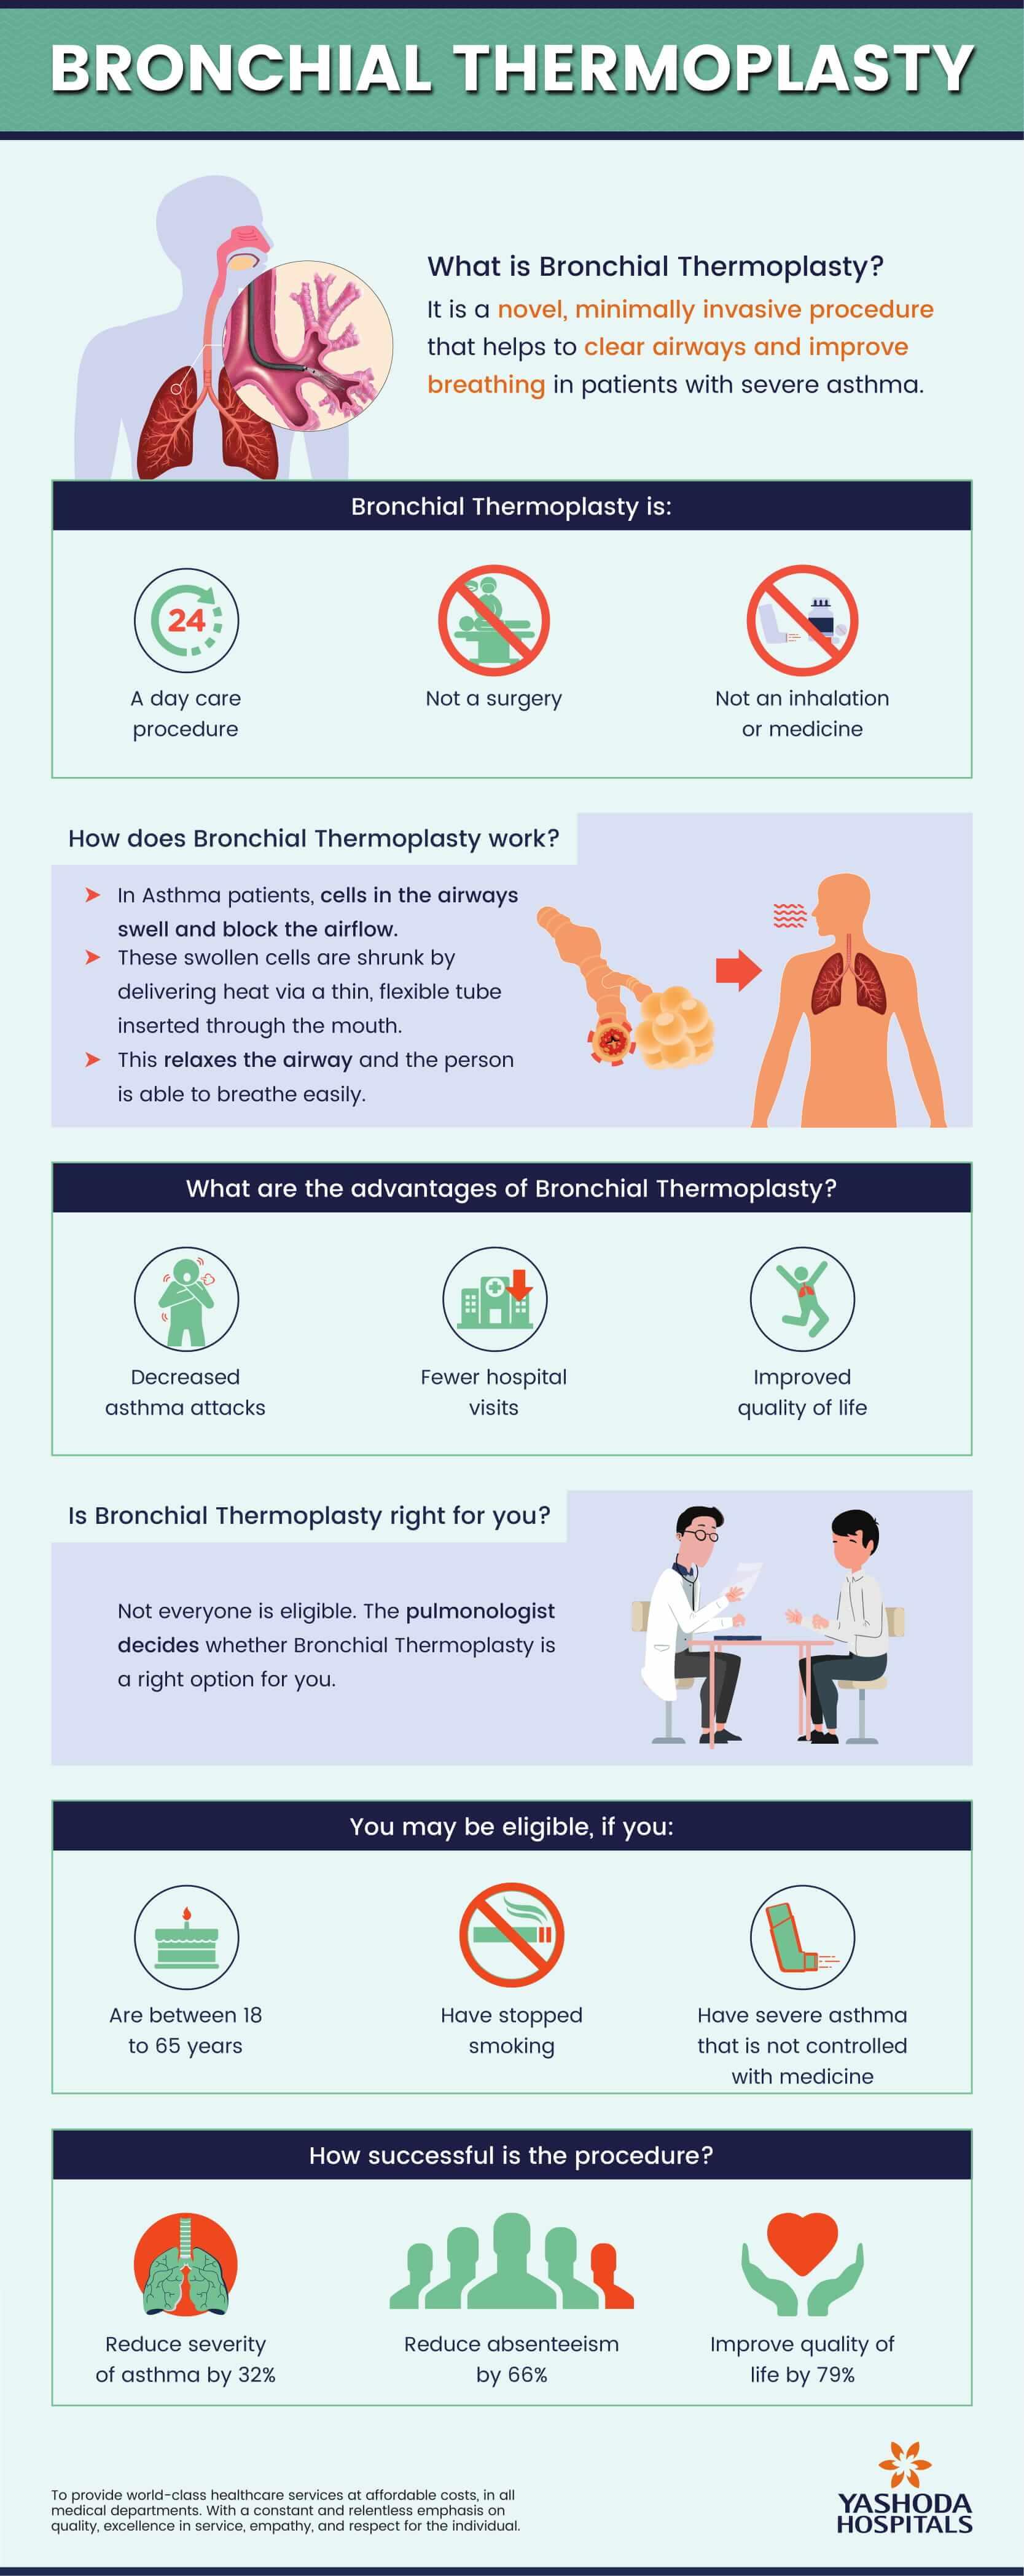 Bronchial Thermoplasty